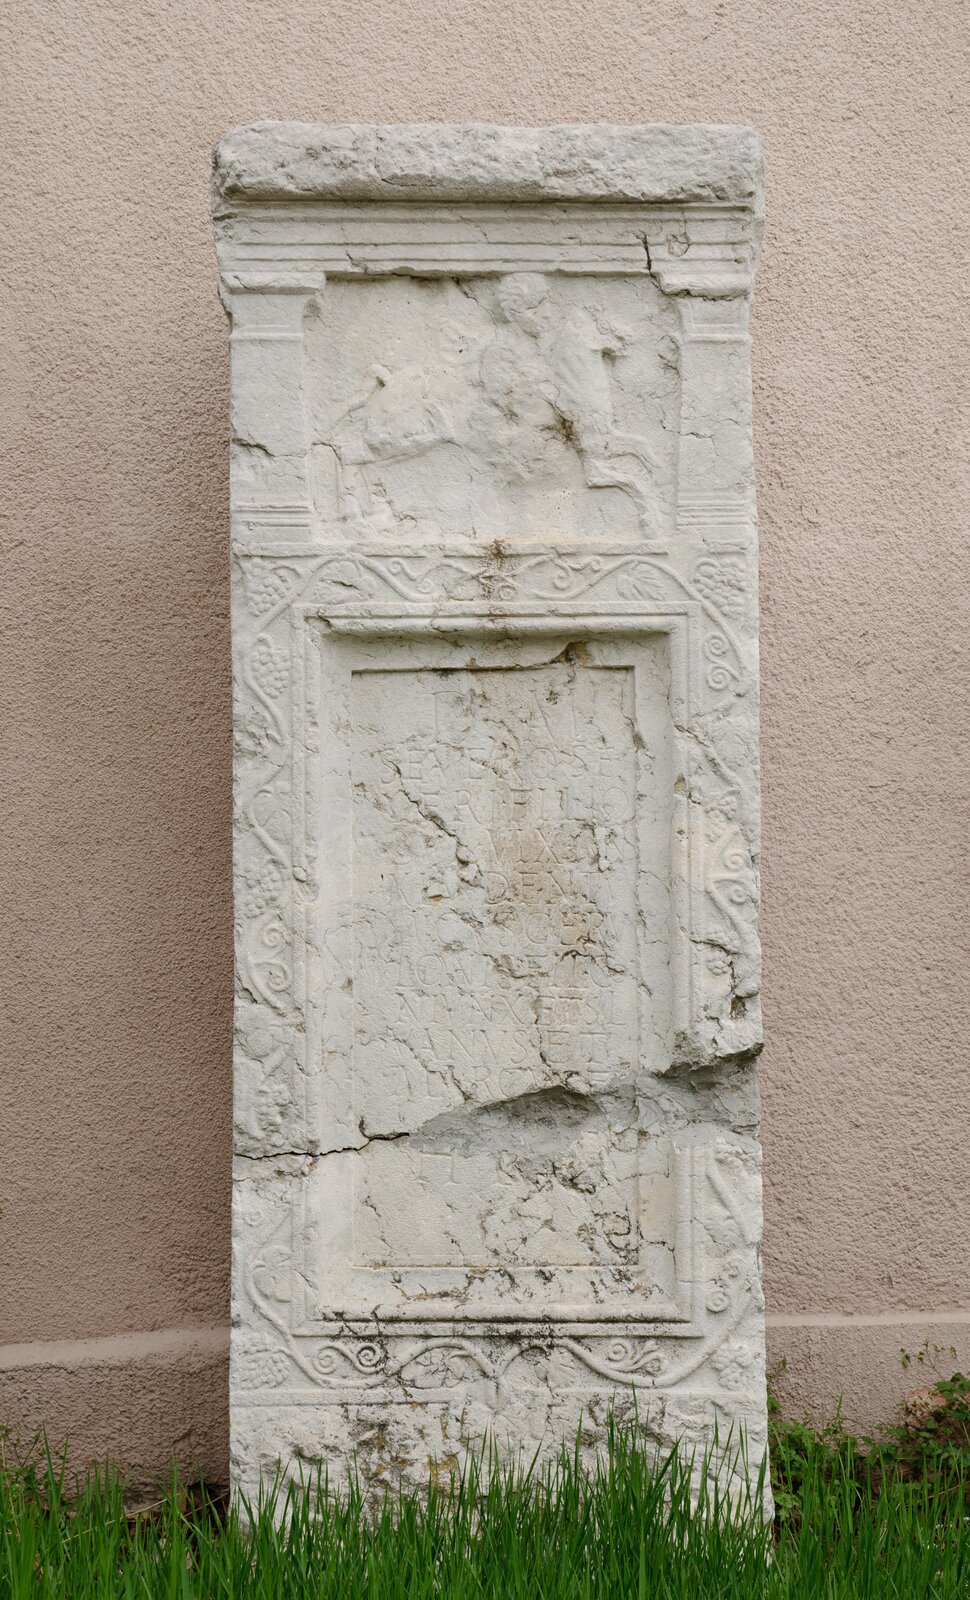 Pomnik nagrobny wojownika rzymskiego Pomnik nagrobny wojownika rzymskiego Źródło: MrPanyGoff, licencja: CC BY-SA 3.0.